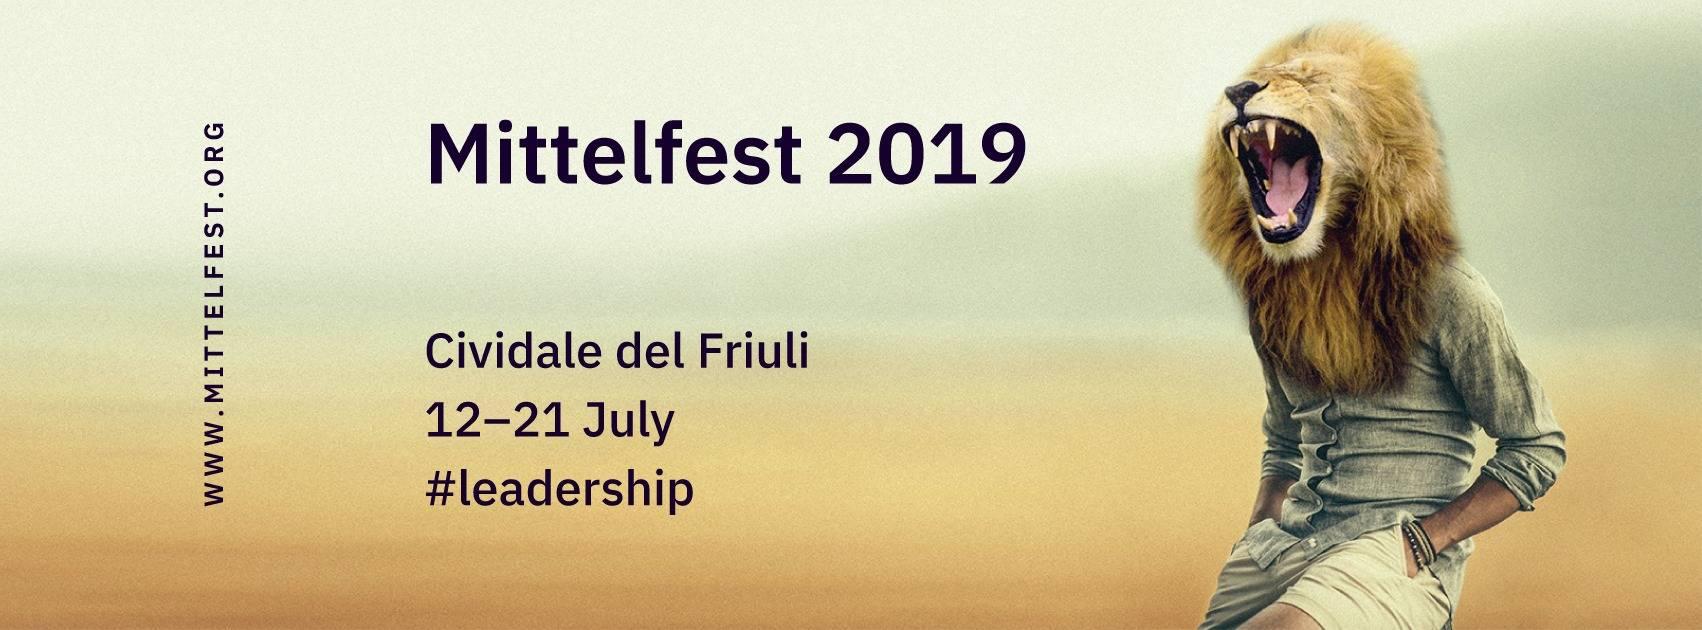 Η Στέγη στο Mittelfest της Ιταλίας